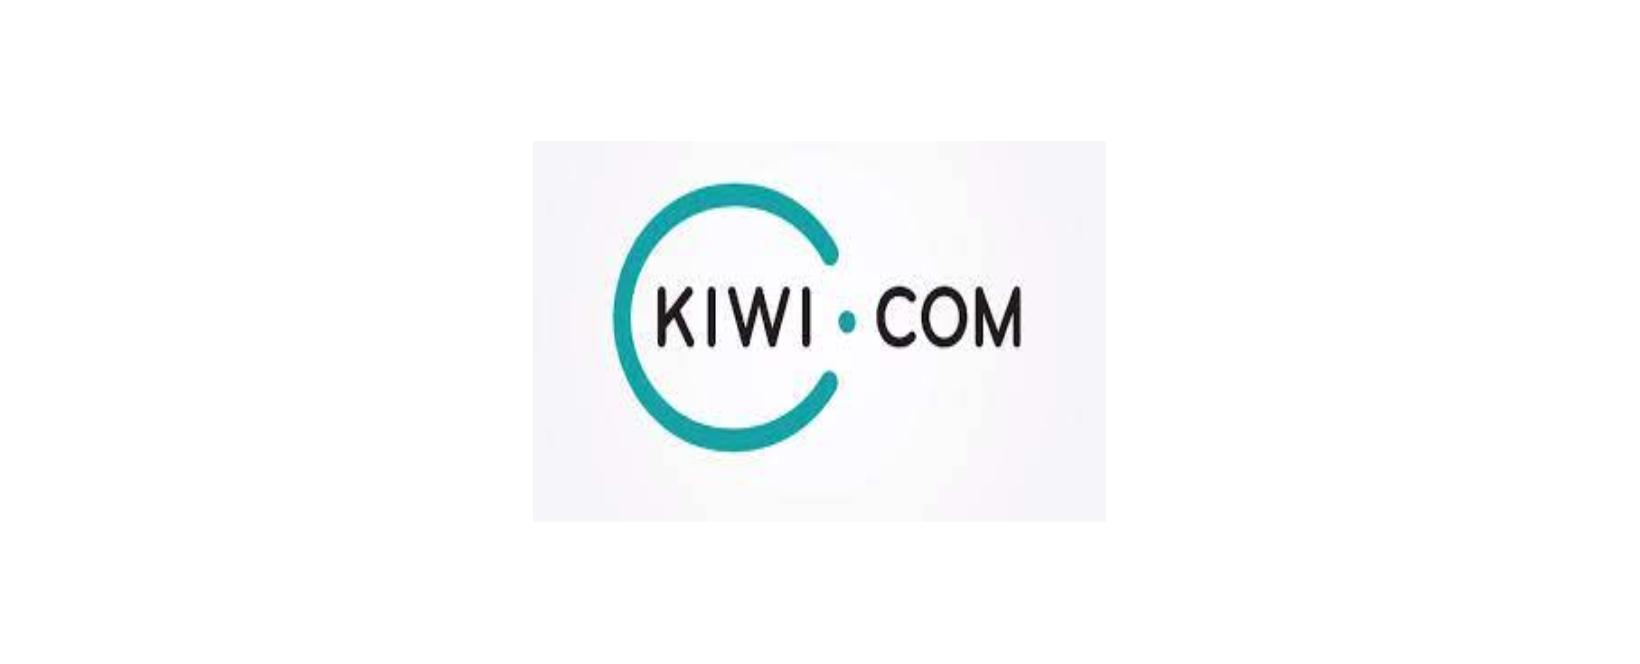 Kiwi.com Discount Code 2021